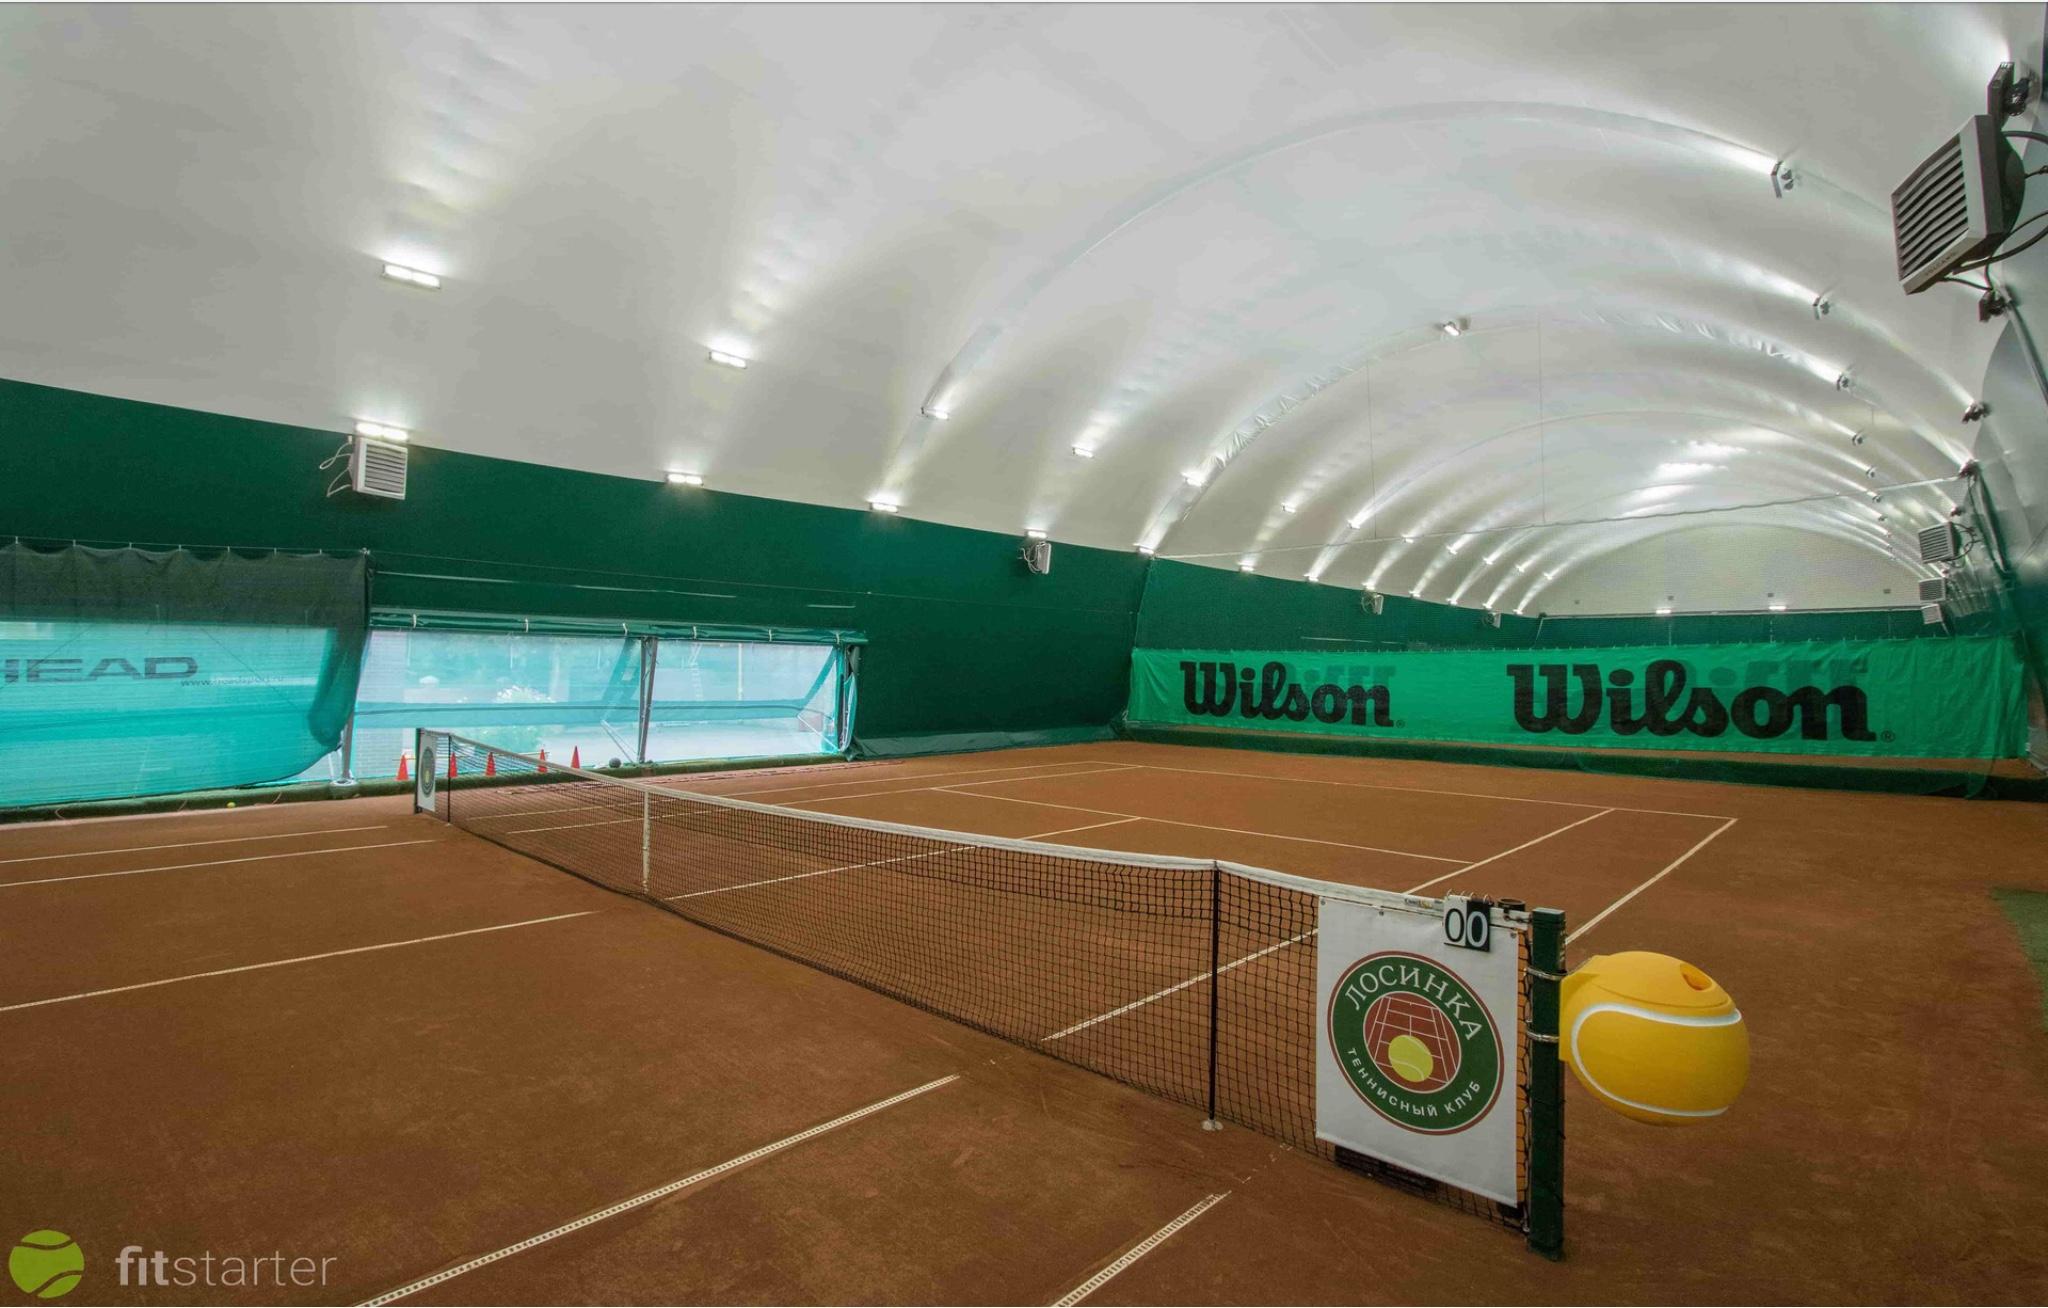 Новый теннисный клуб в москве ночной клуб о2